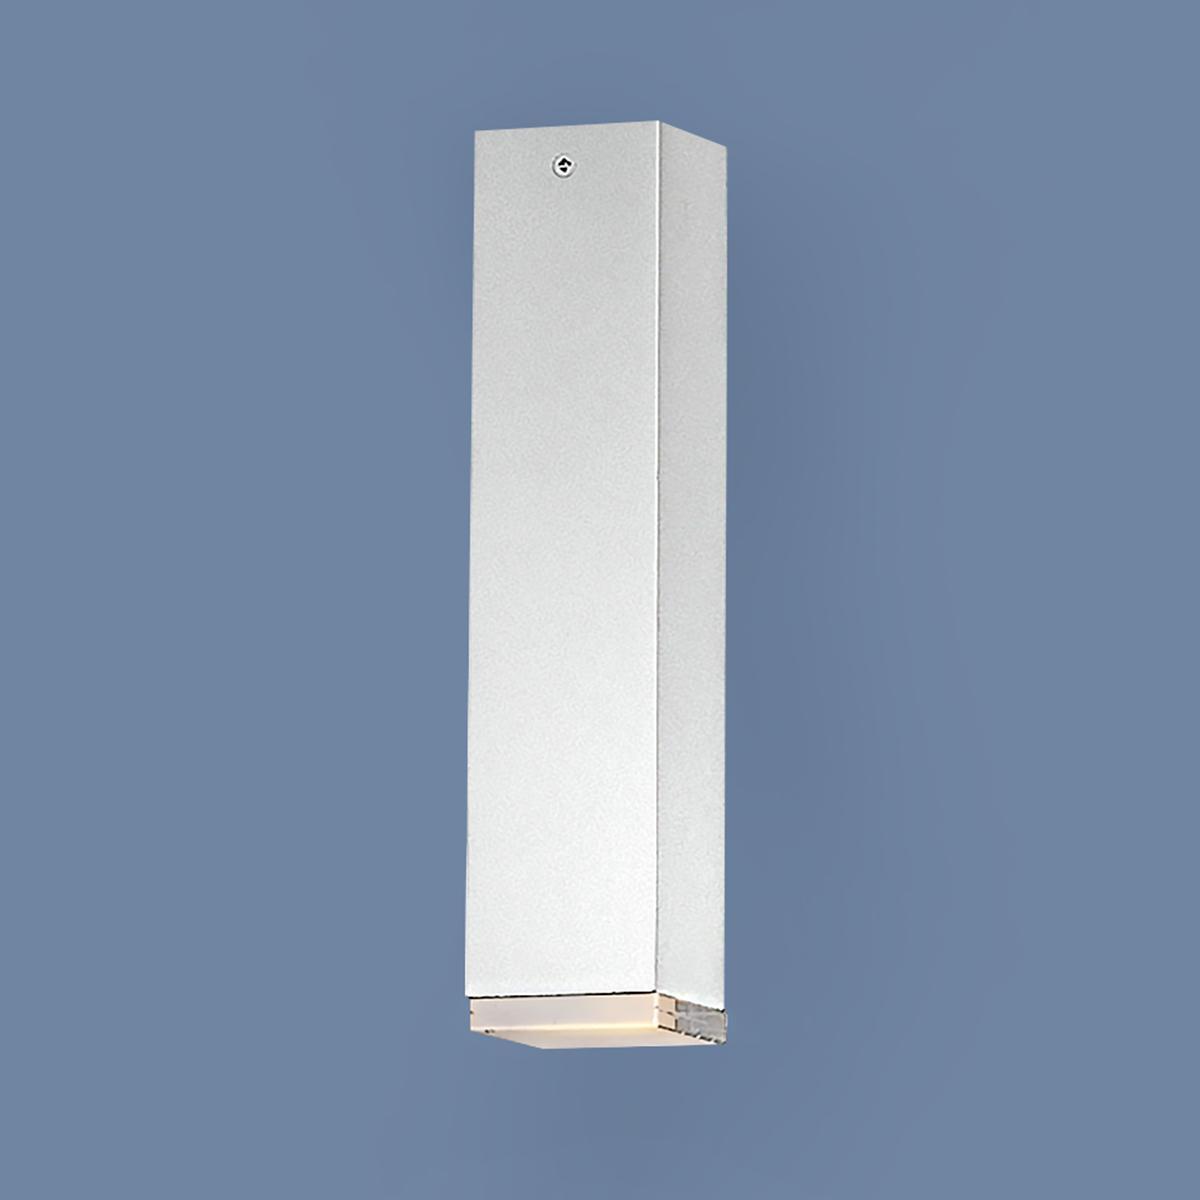 Накладной светильник Elektrostandard 5705 WH белый 5903139570596 накладной светильник leds c4 pipe 15 0073 14 05